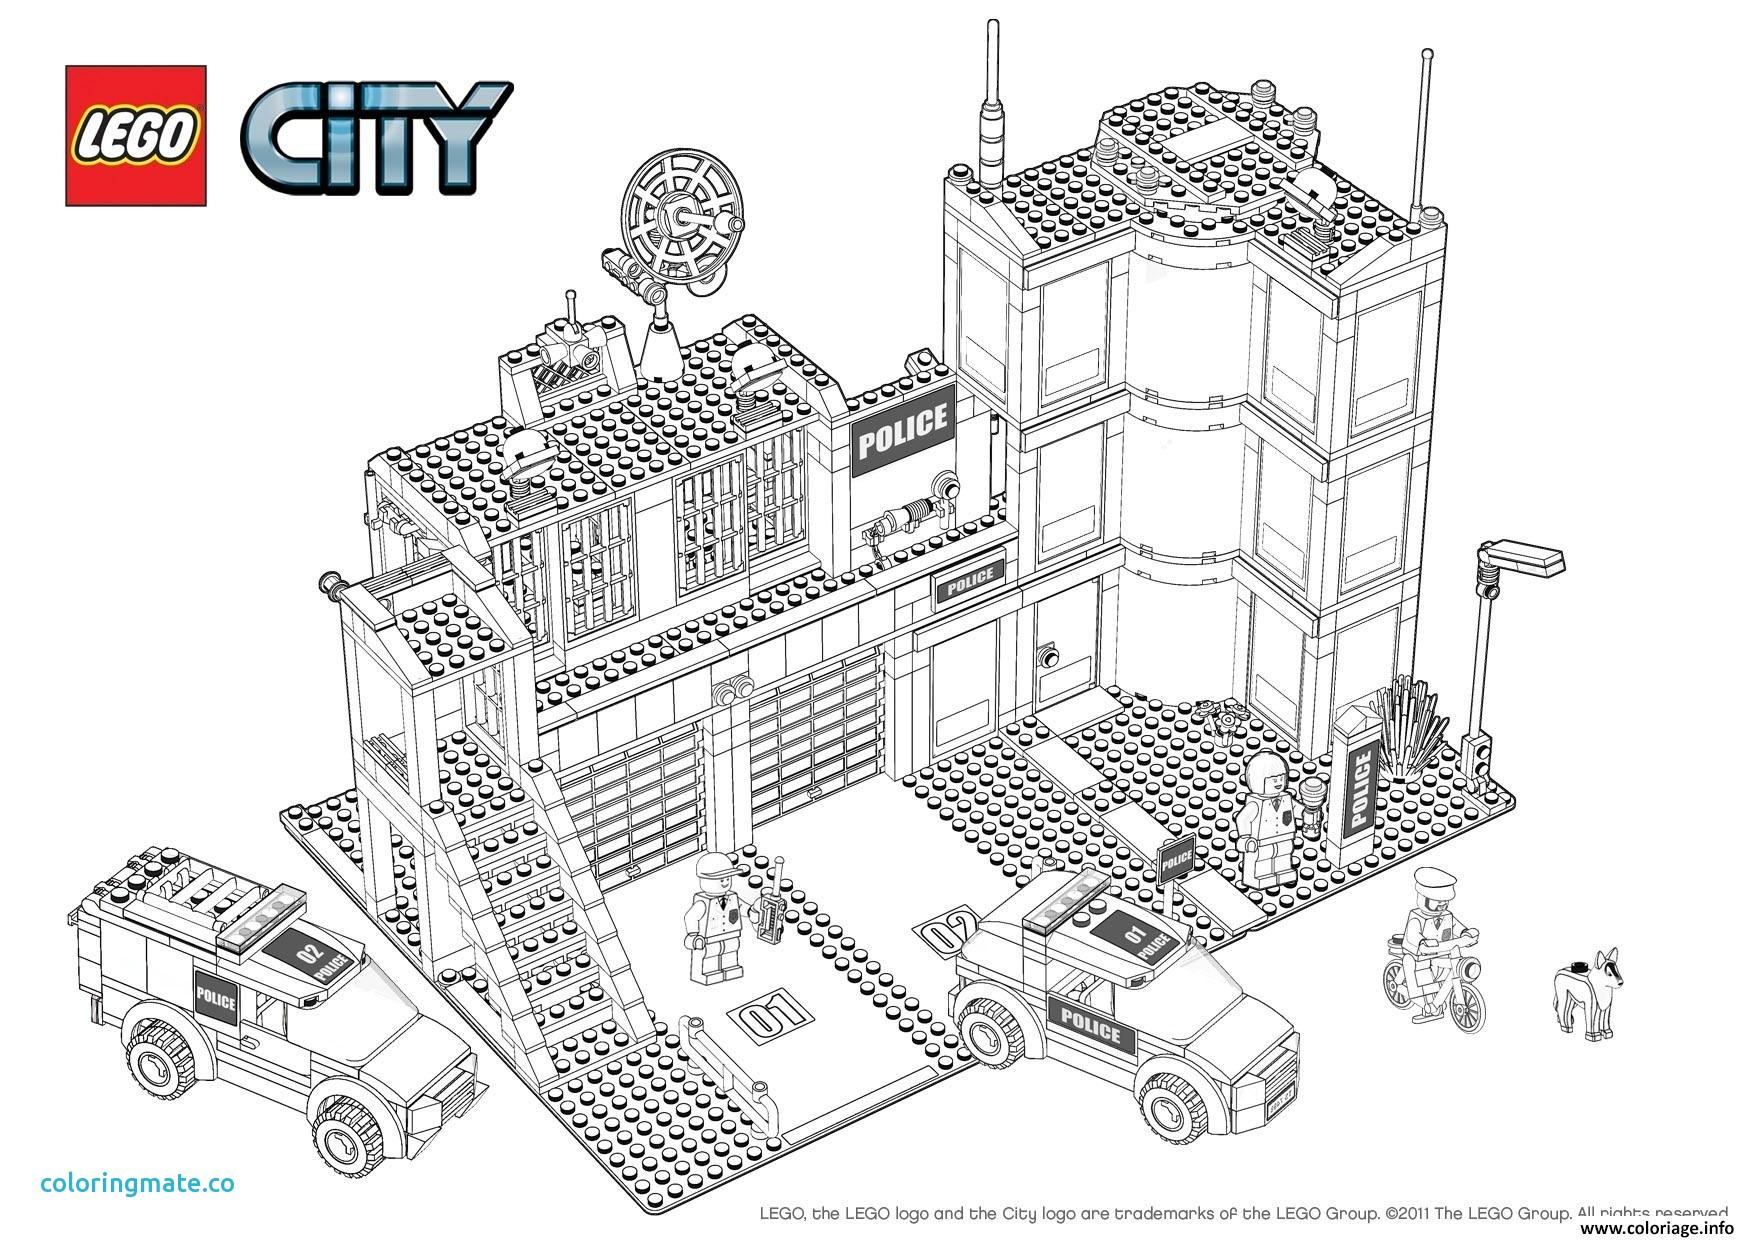 dessin de lego city